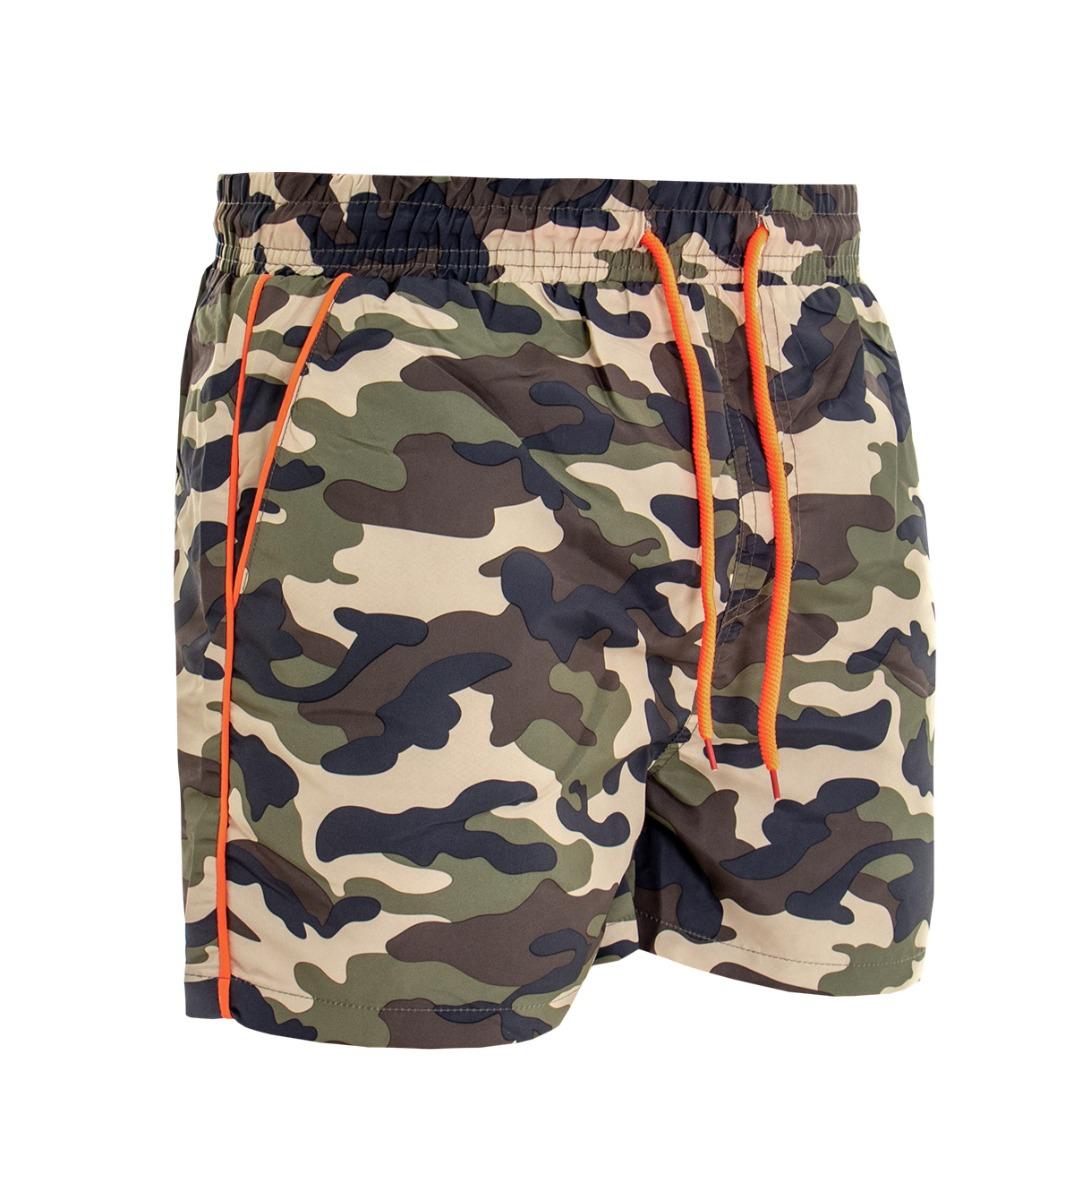 en gros prix réduit sortie en ligne Détails sur Costume Homme de Bain Caleçon Boxer Fantaisie Camouflage  Militaire Biais Orange